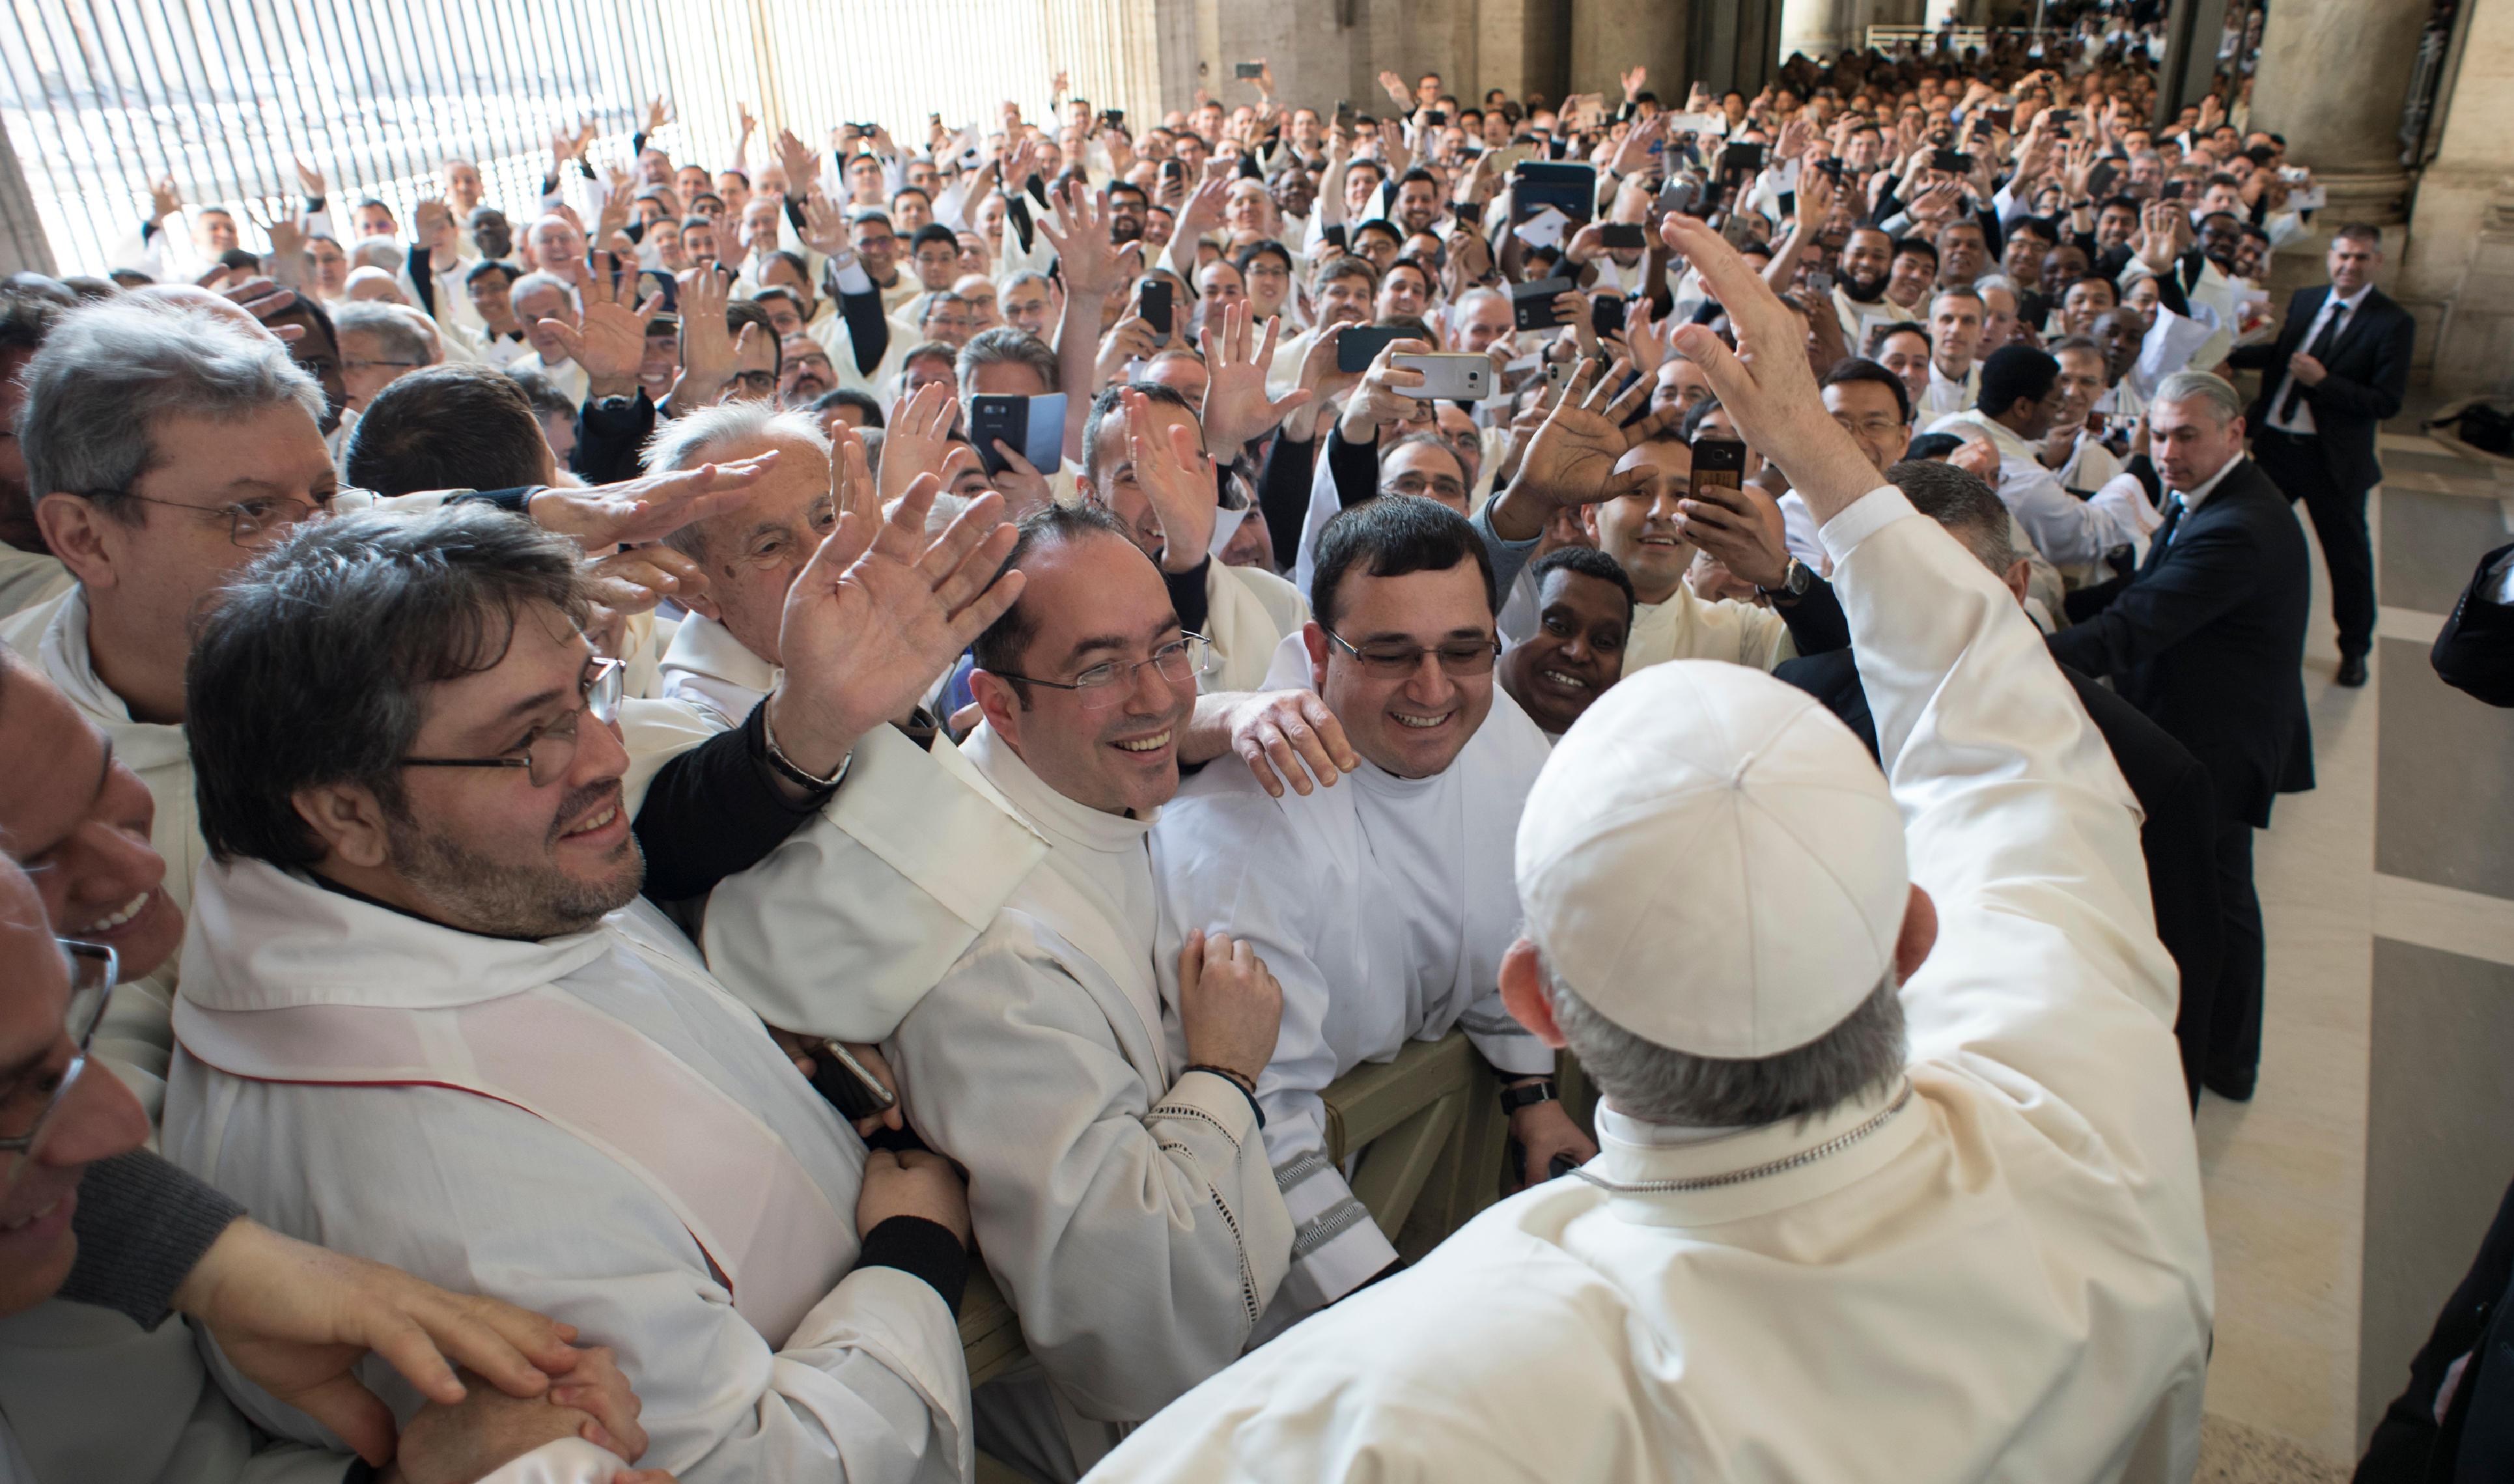 Francisco bendice a los sacerdotes el Jueves Santo en el Vaticano, 29/3/2018 © Vatican Media